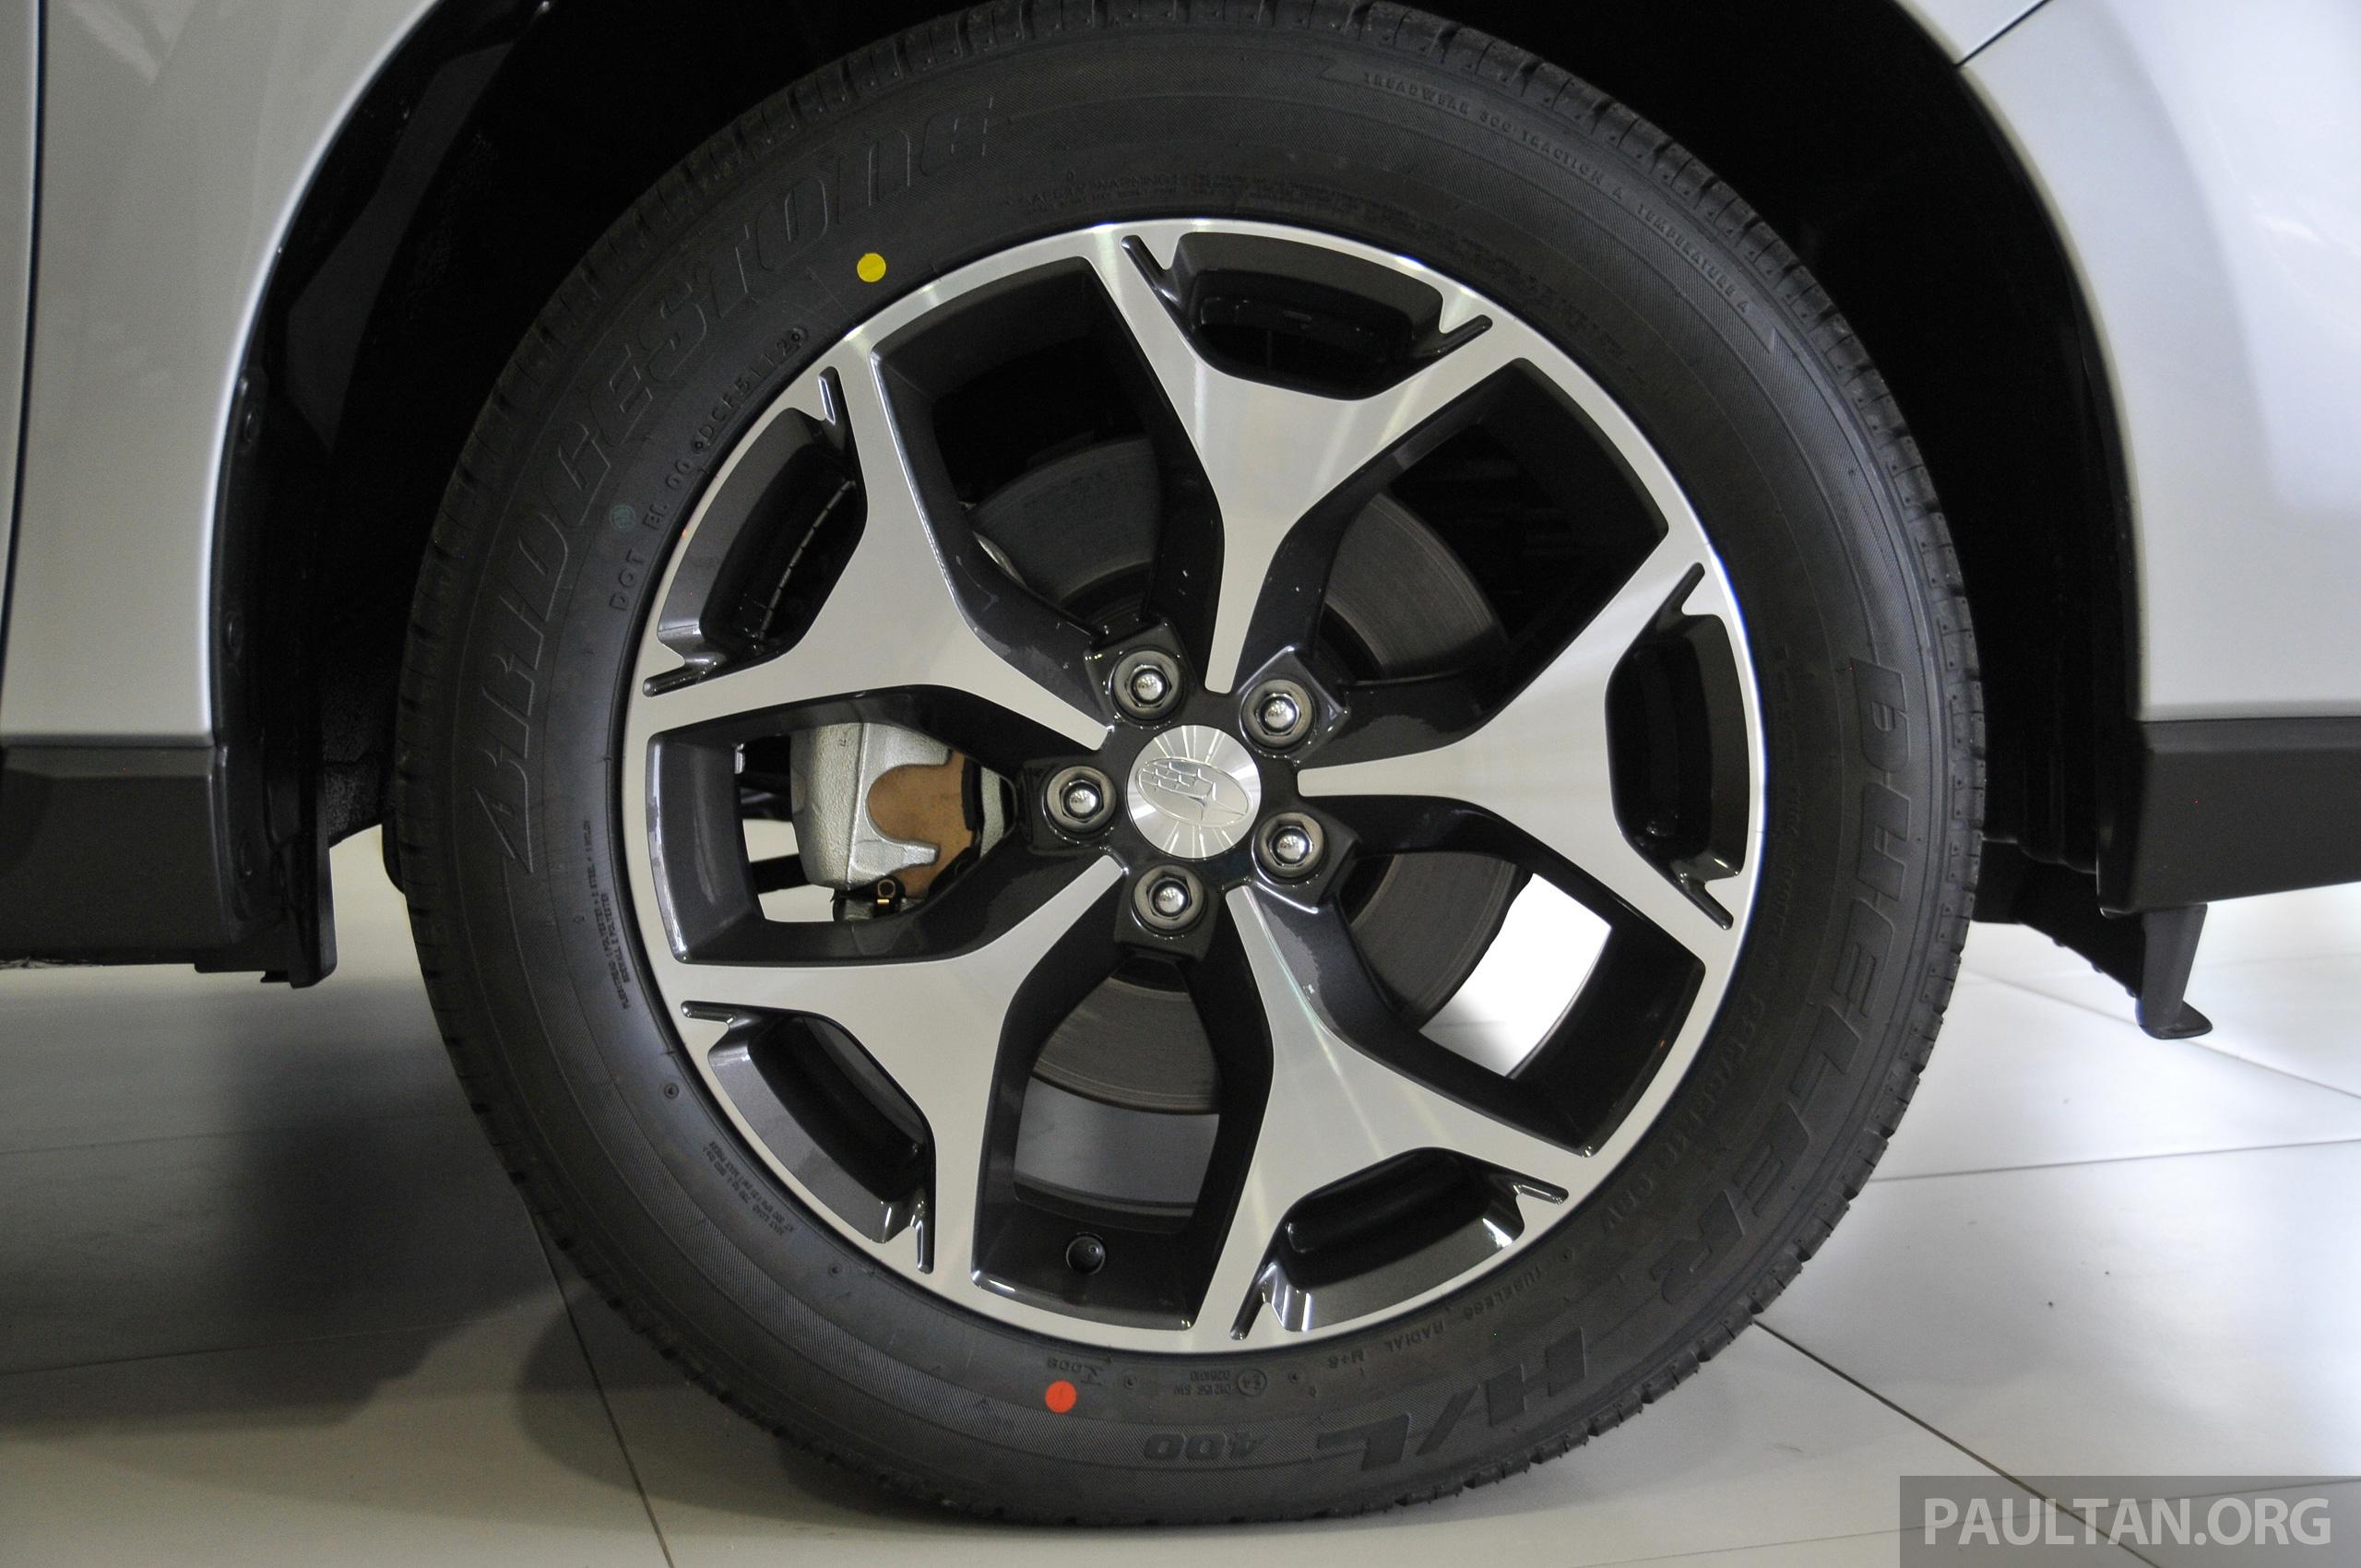 06 Subaru Forester Xt >> New Subaru Forester 2.0 XT – bookings open, RM190k Paul Tan - Image 178219